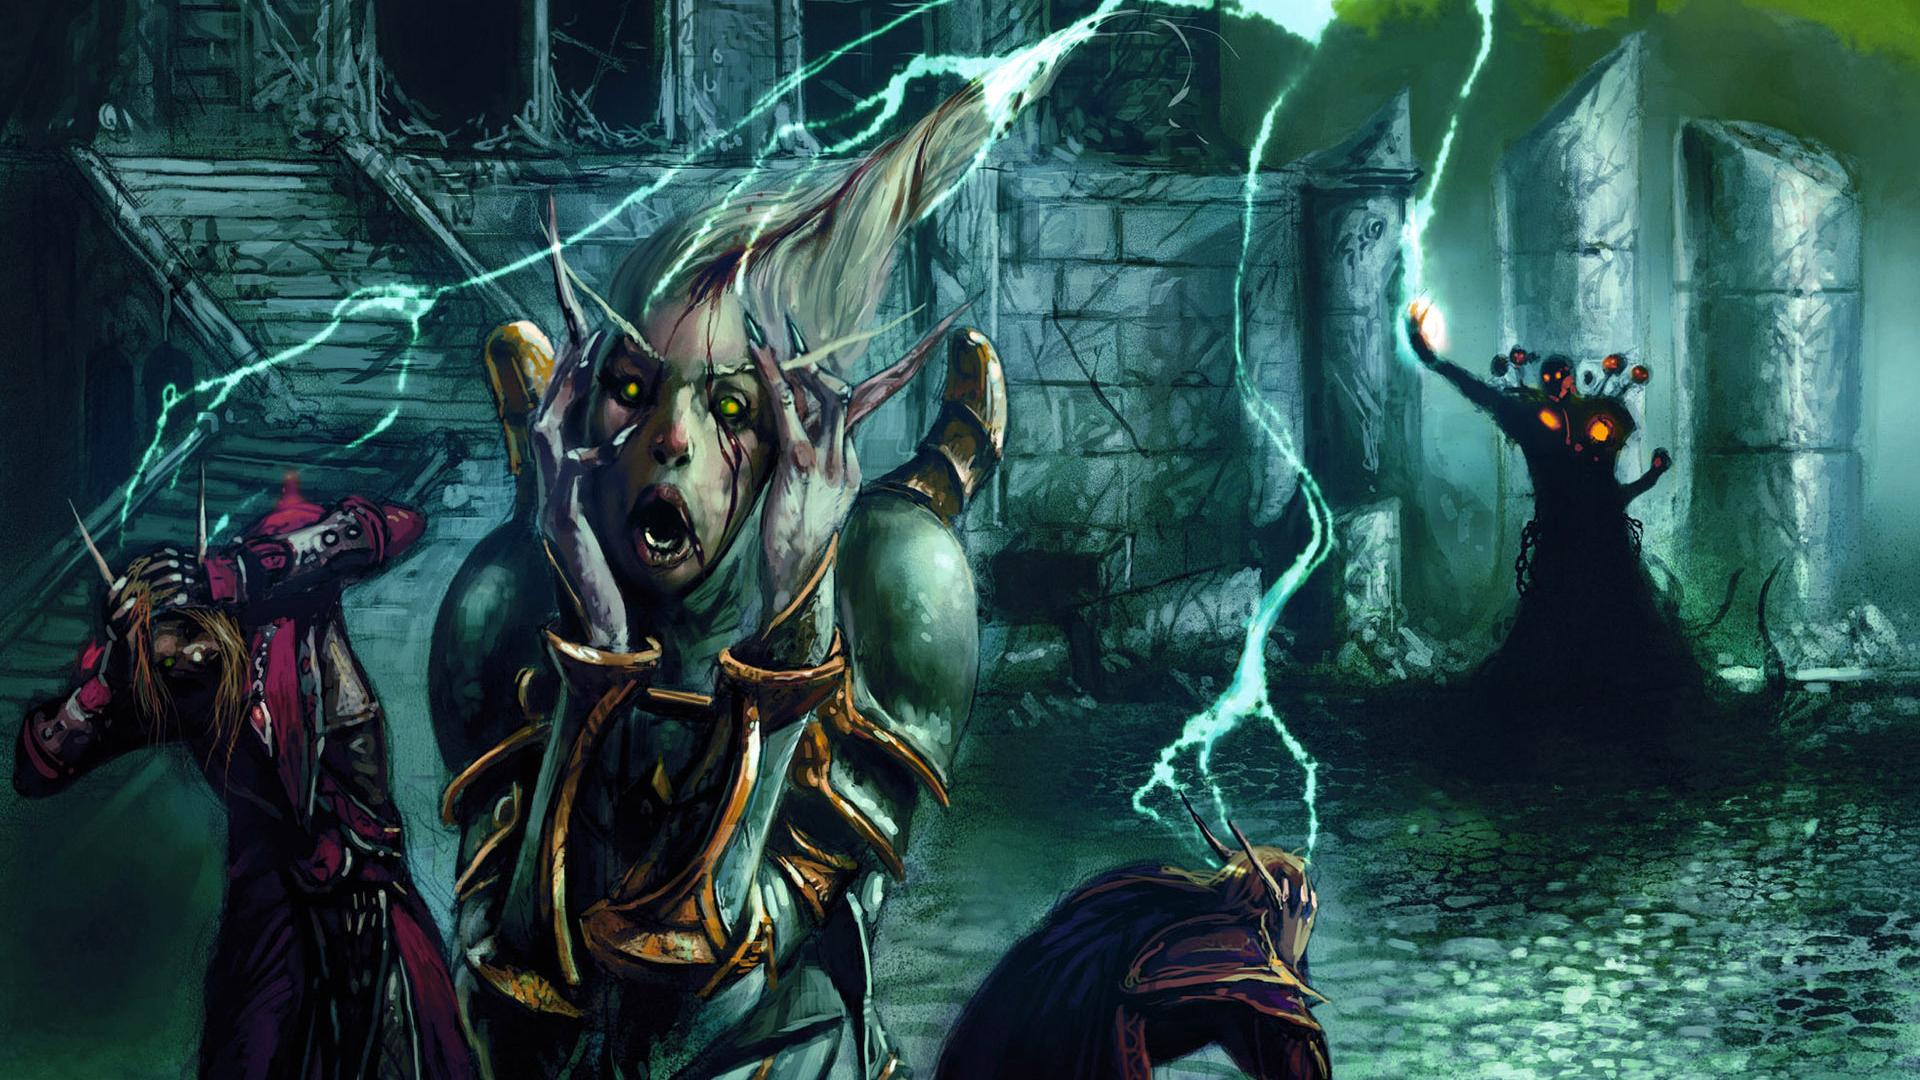 Free download World of warcraft trading card game warlock